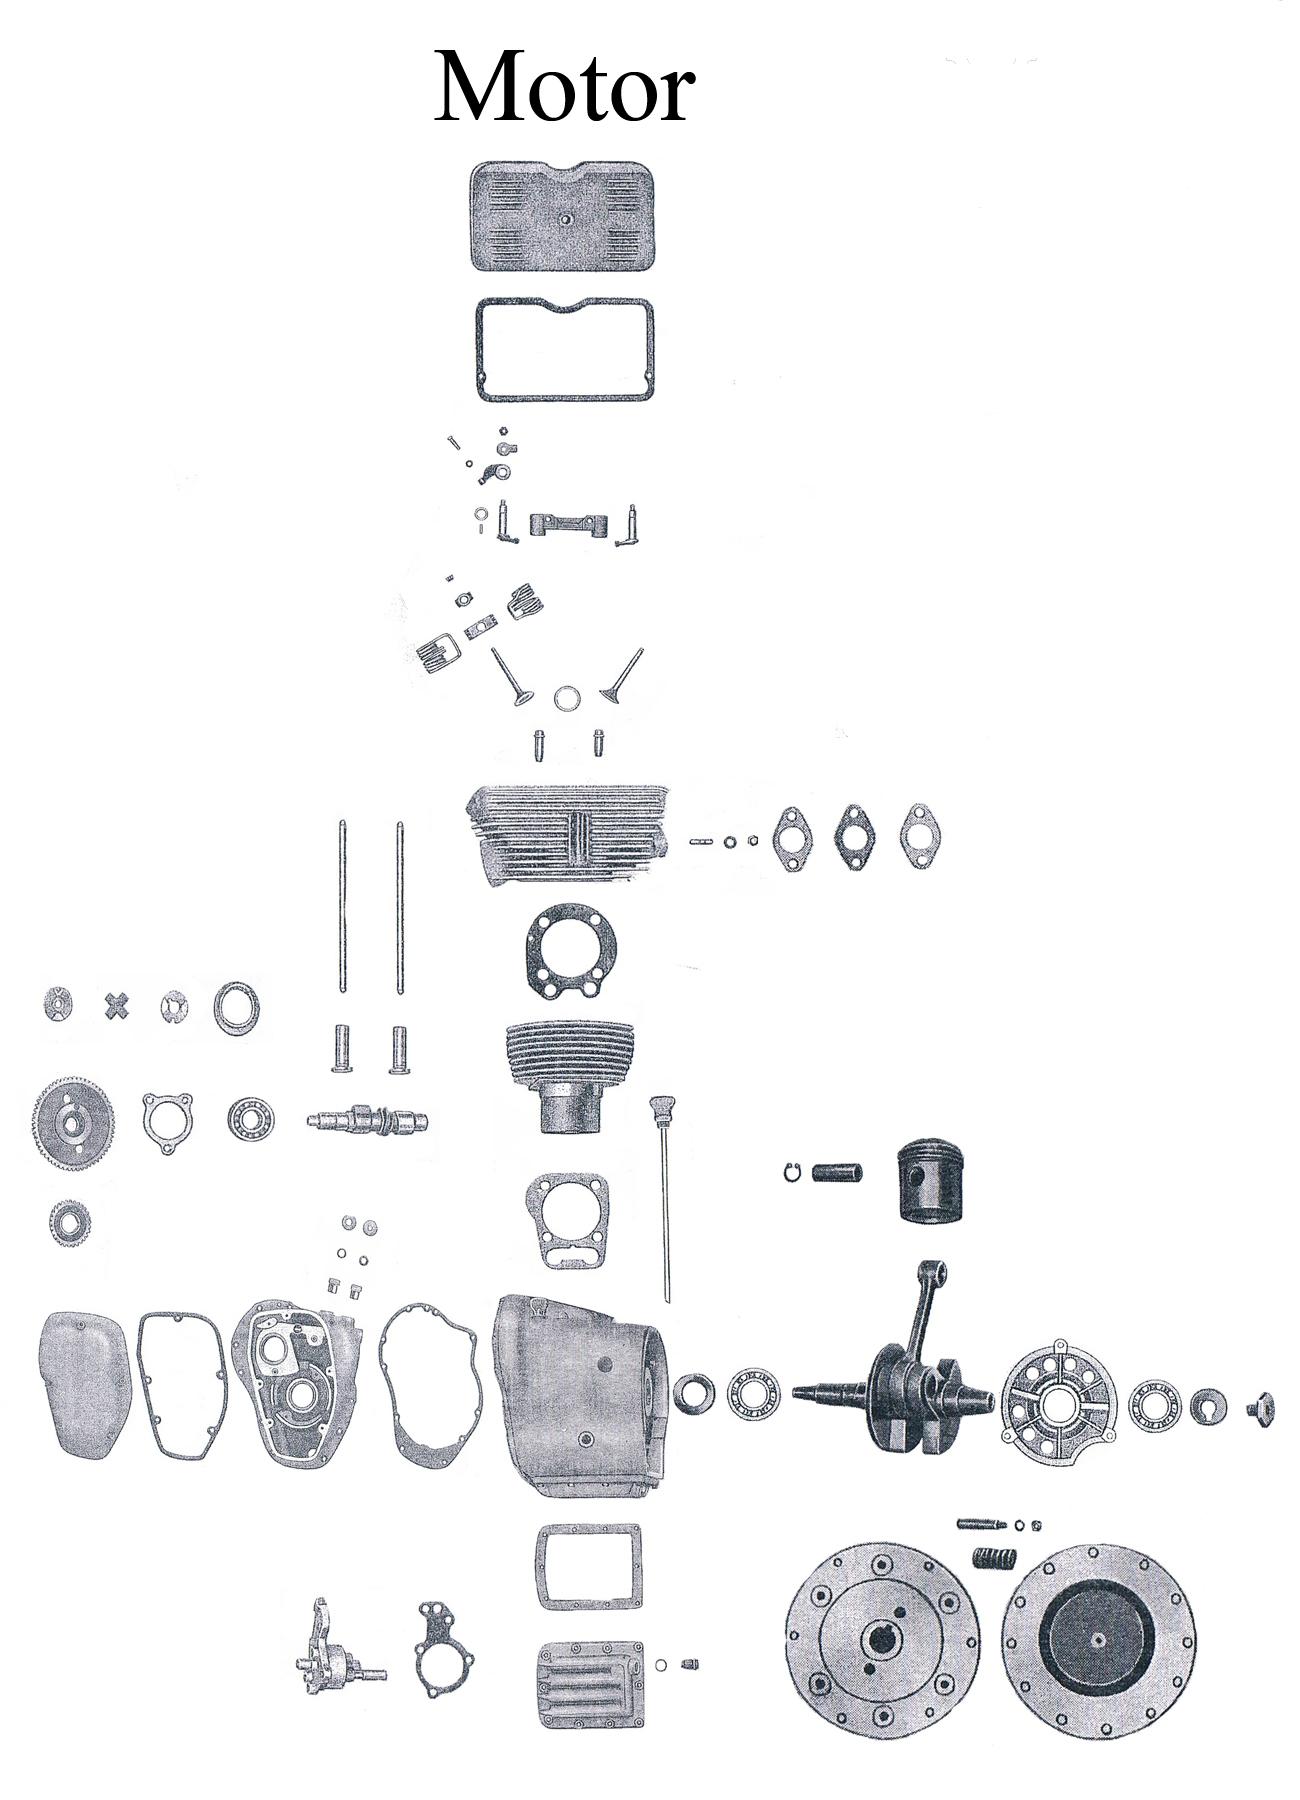 Großzügig Auto Motor Explosionszeichnung Ideen - Schaltplan Serie ...